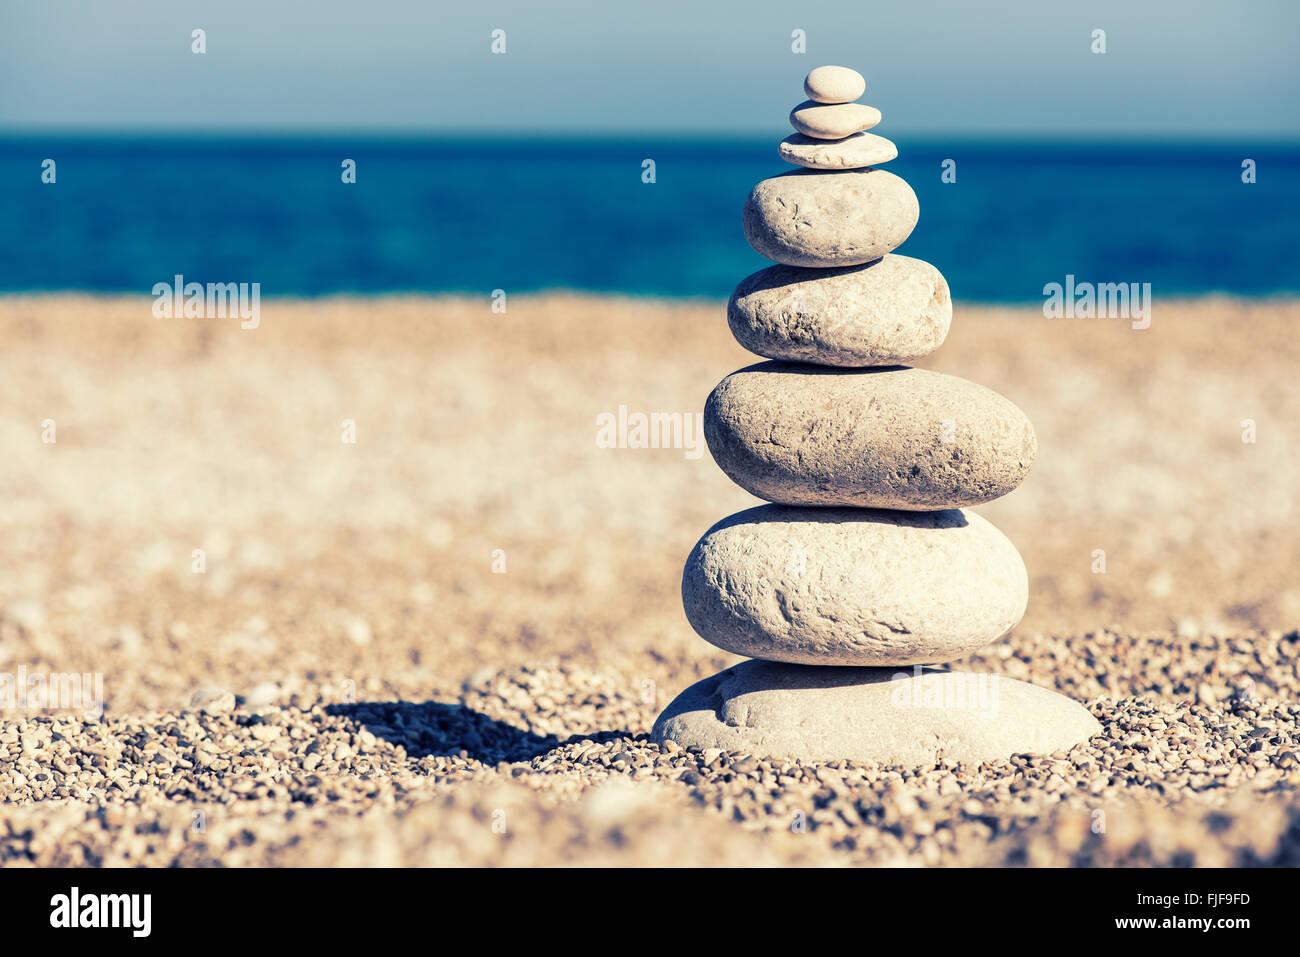 Steinen Gleichgewicht, Vintage retro Instagram wie Hierarchie Stapel über blaue Meer Hintergrund. Wellness Stockbild